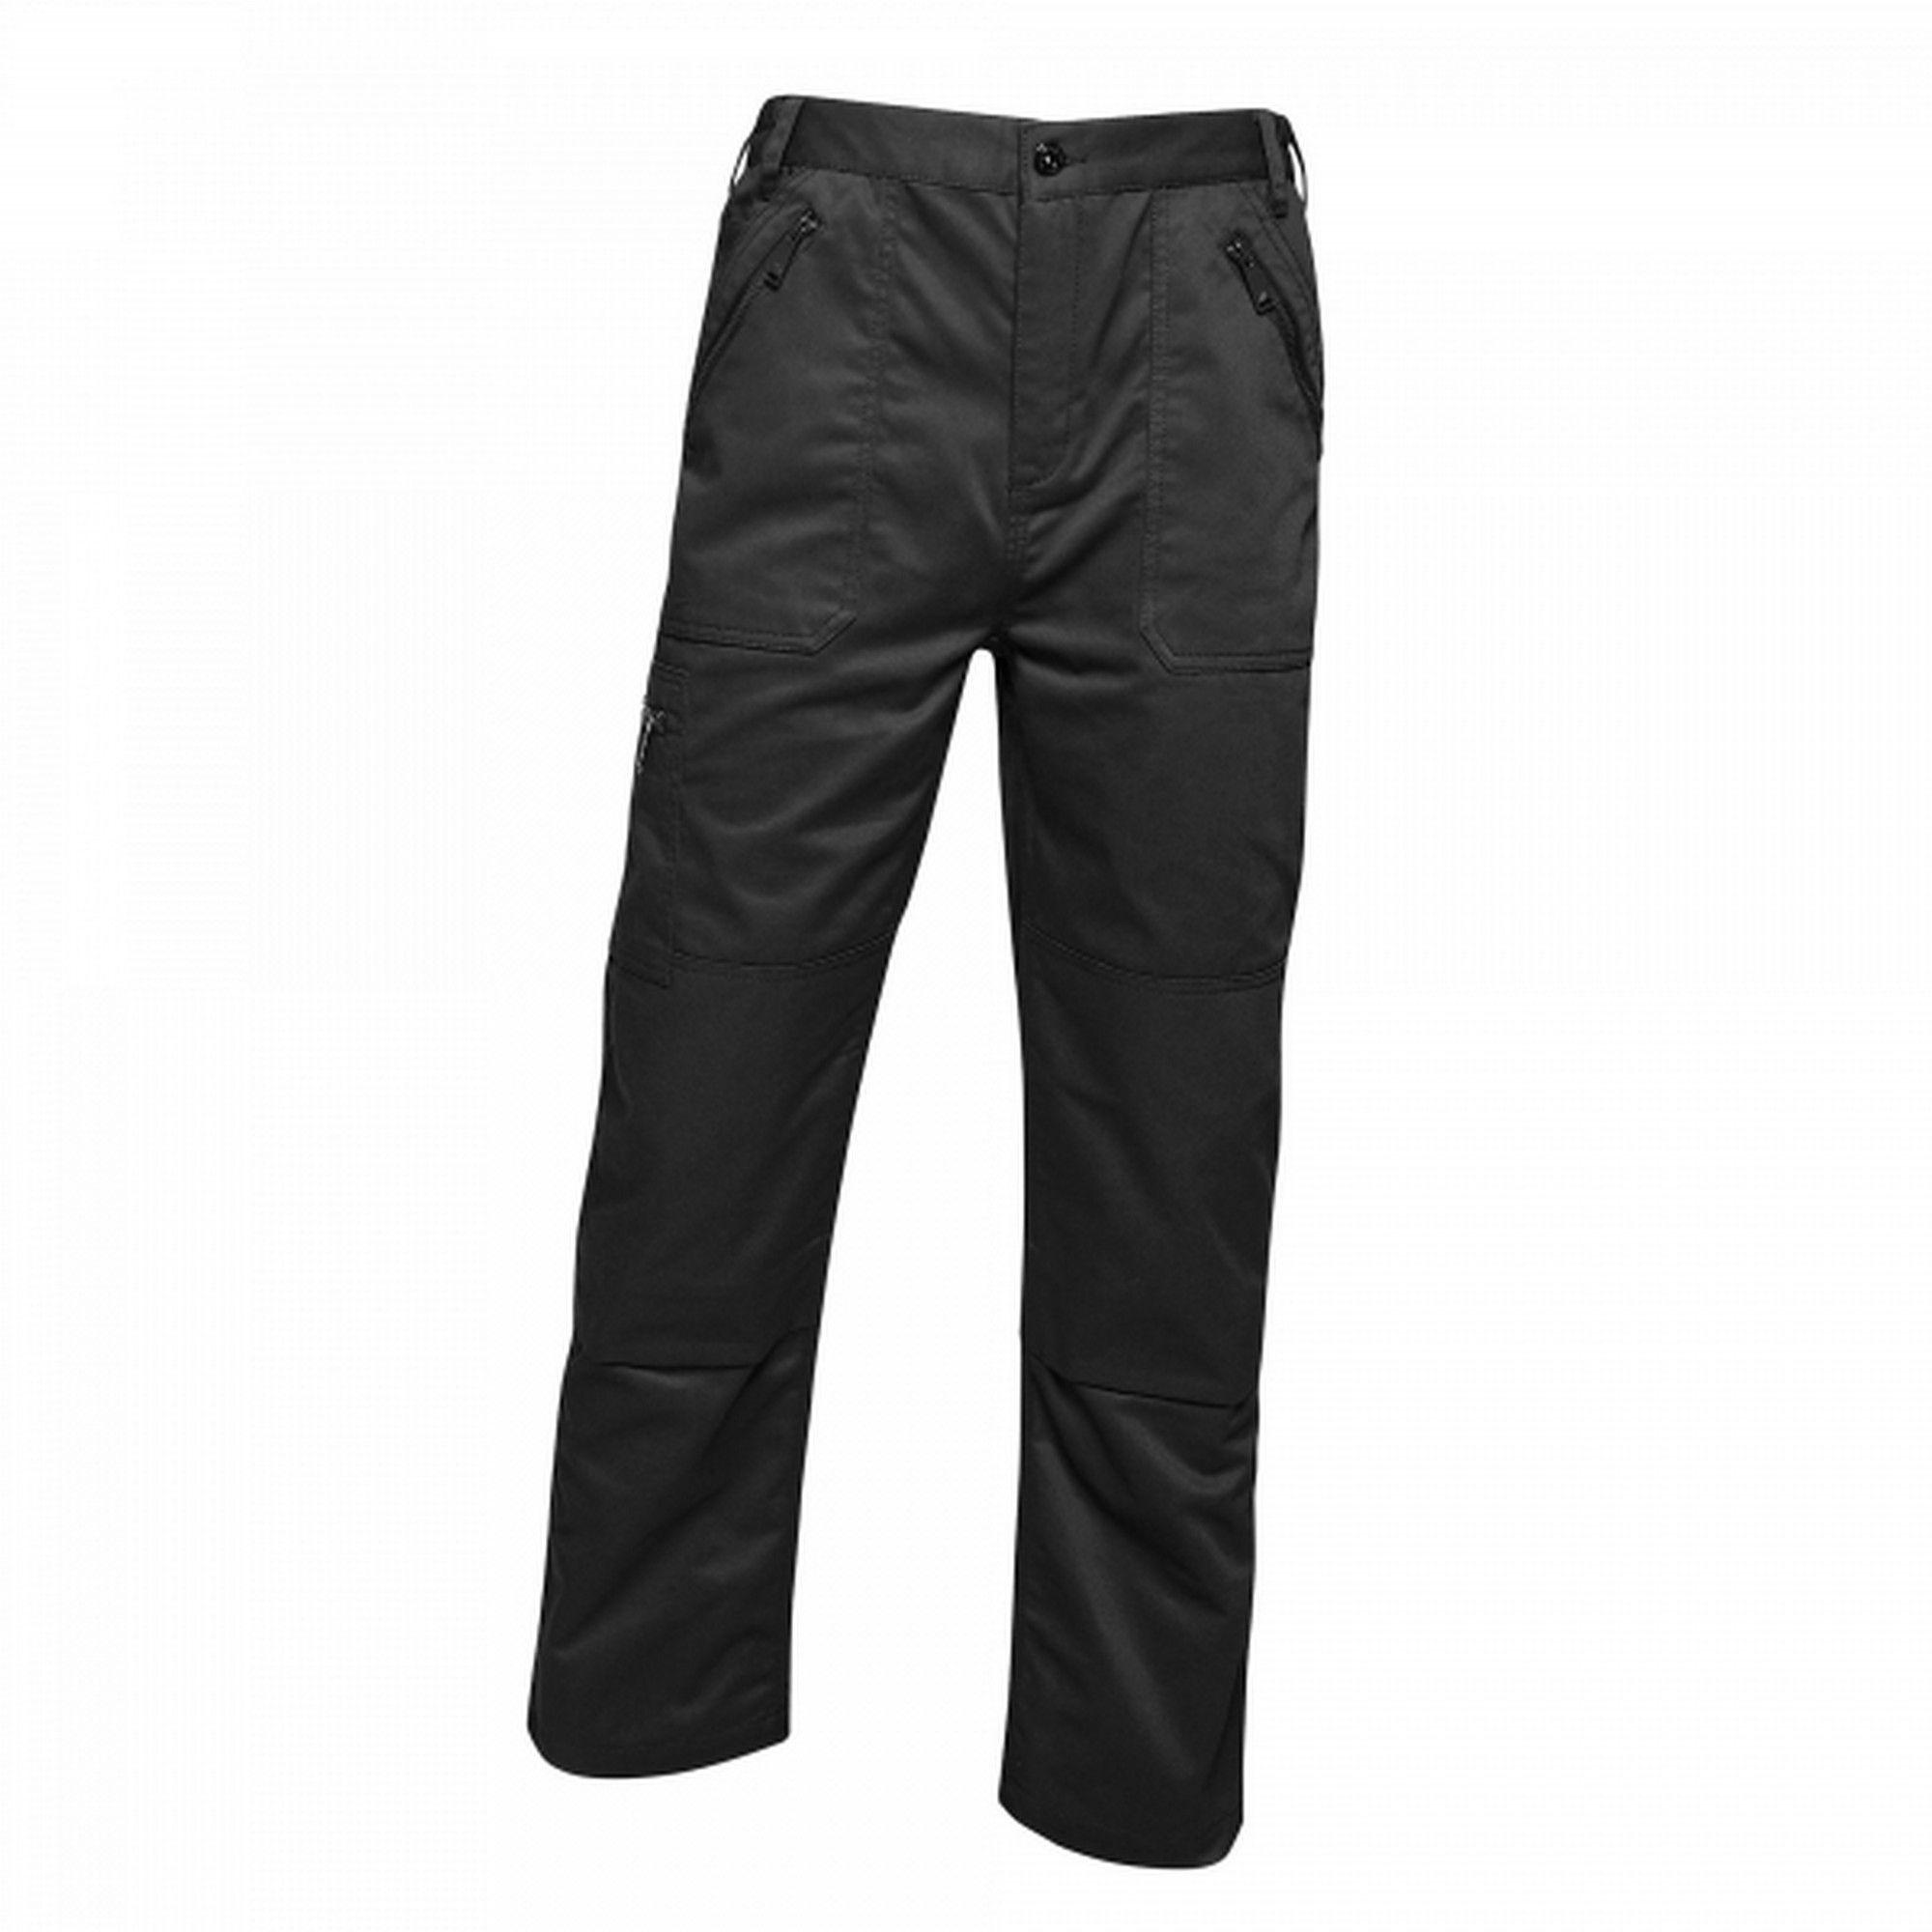 Regatta Mens Pro Action Waterproof Trousers - Long (34in)